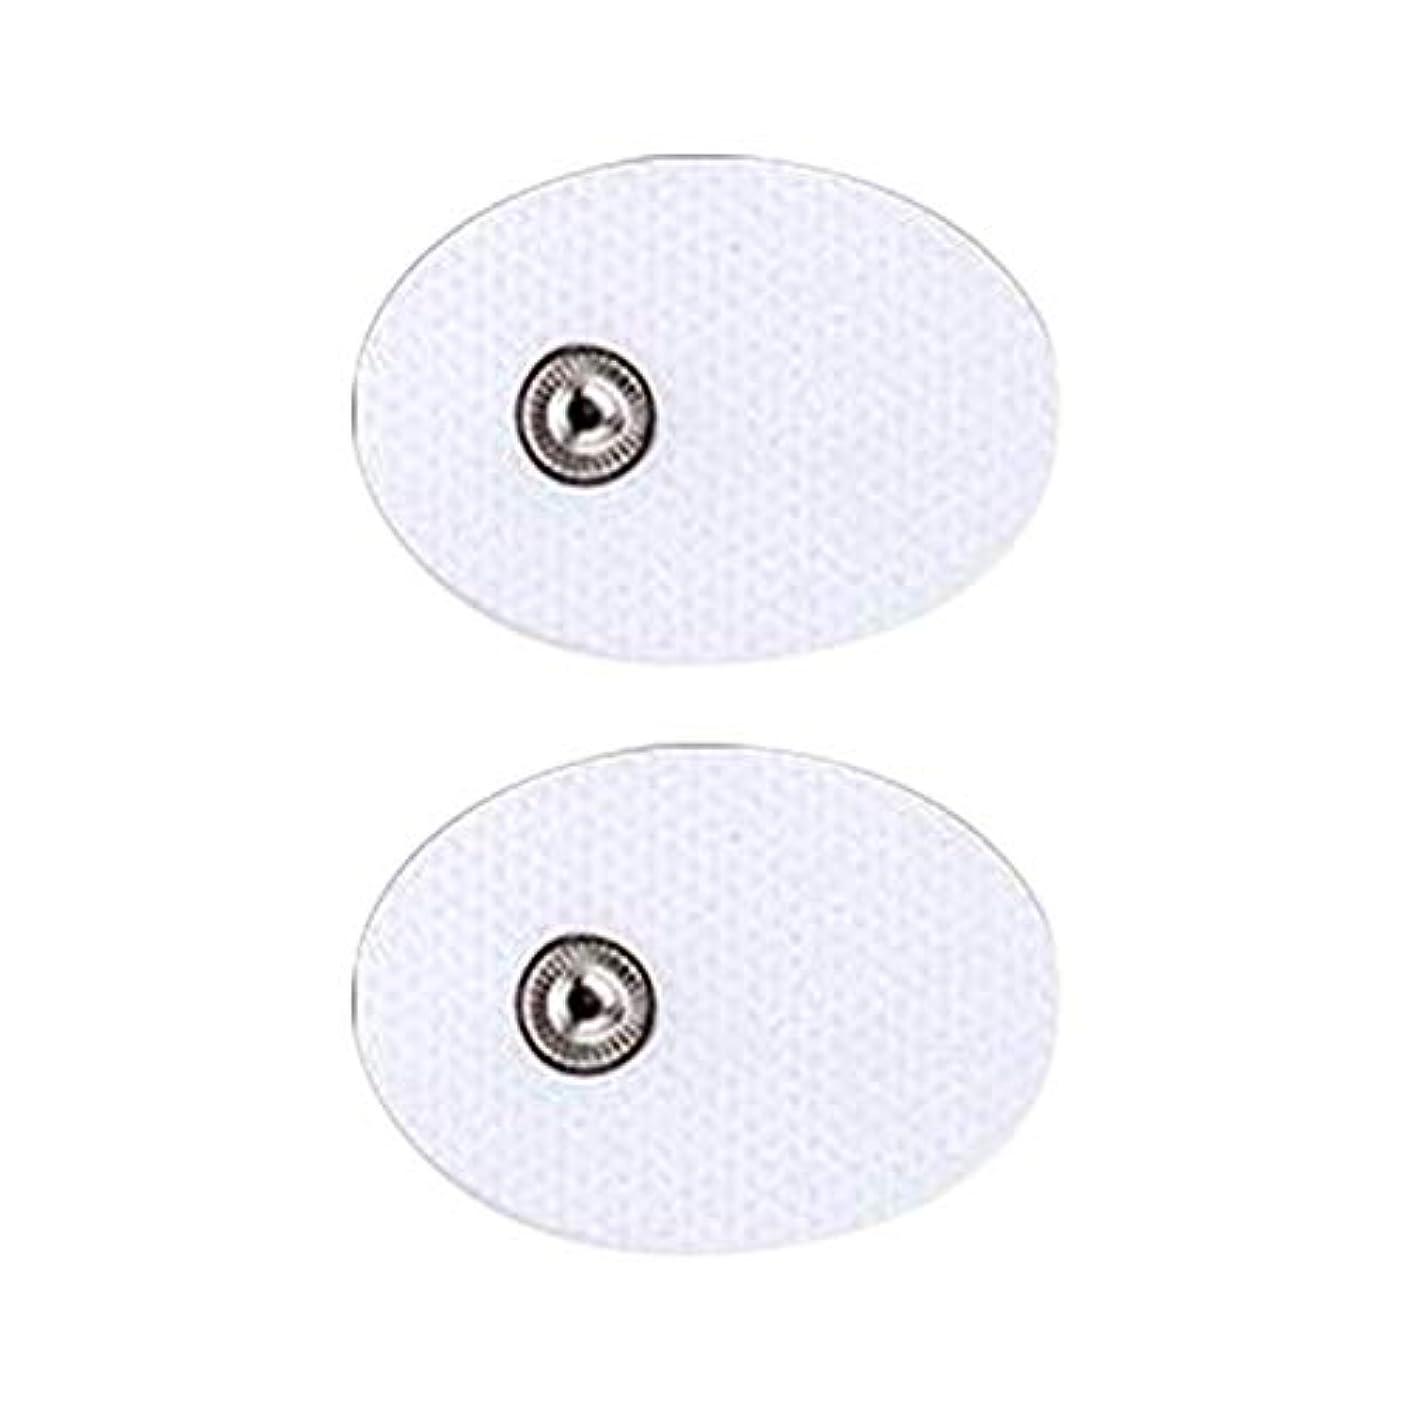 電気TENS 低周波治療器 交換用パッド 迅速で効果的に痛み緩和治療デバイス 全身用電気デジタルパルス刺激マッサージャー 2個 /セット (2A)